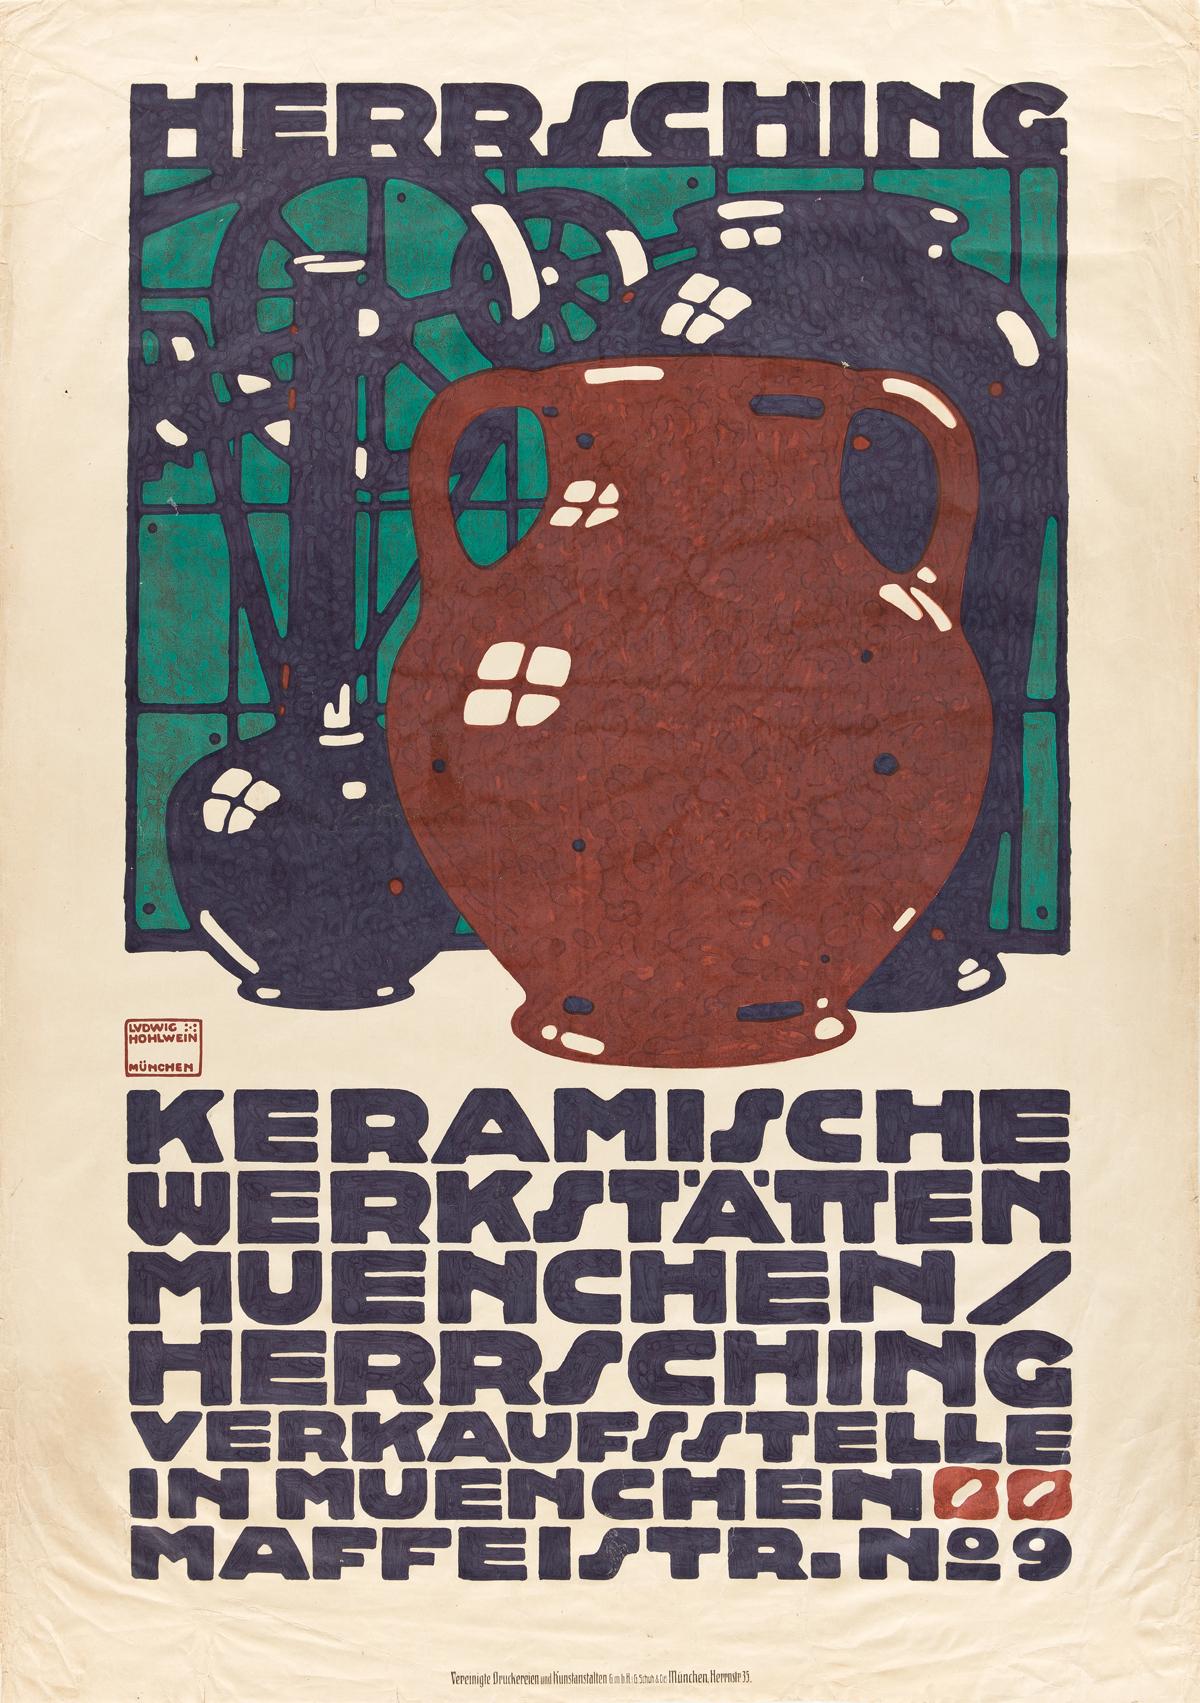 LUDWIG HOHLWEIN (1874-1949).  HERRSCHING / KERAMISCHE WERKSTÄTTEN. 1910. 44x30¾ inches, 111¾x78 cm. G. Schuh, Munich.